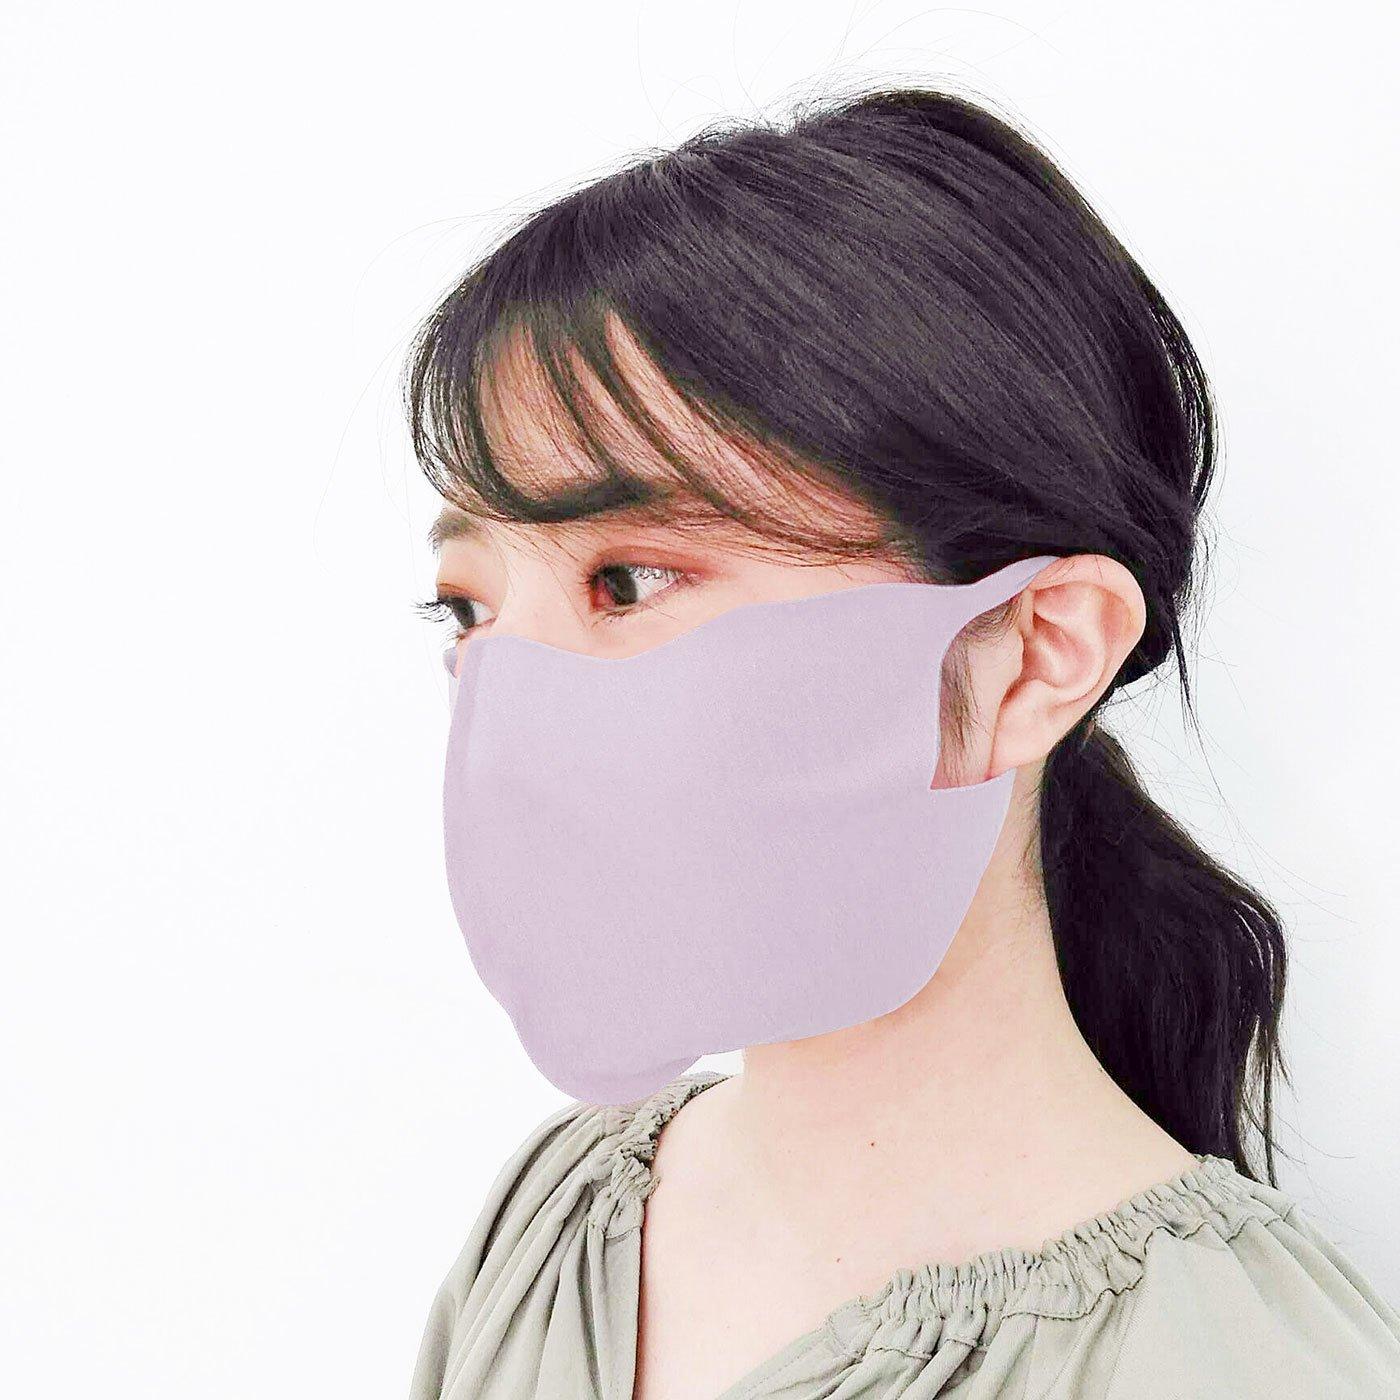 マスクストレス軽減! 縫い目なしのびのびさらり綿混布マスク